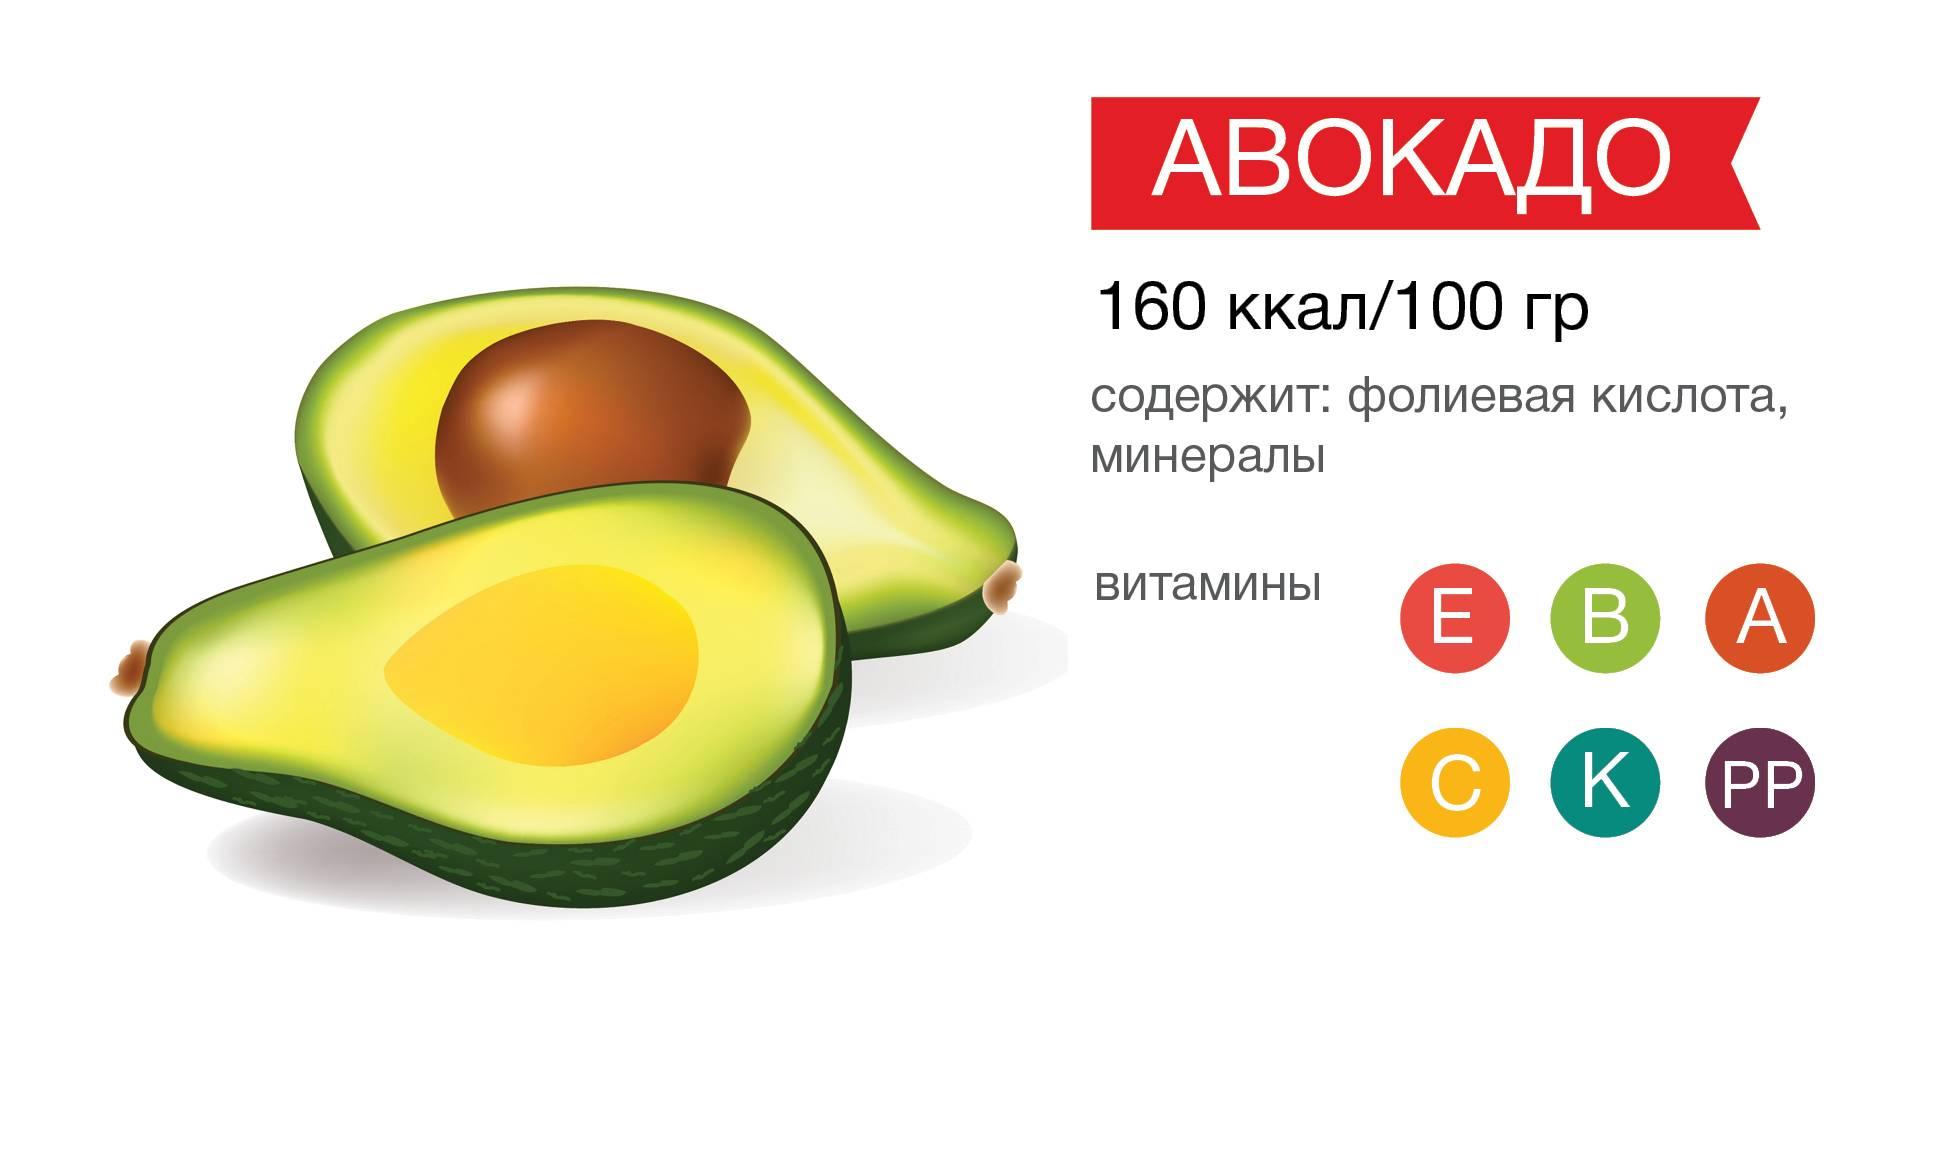 Авокадо при грудном вскармливании: можно ли употреблять маме и малышу, когда включать в рацион, а также в каком виде готовить?